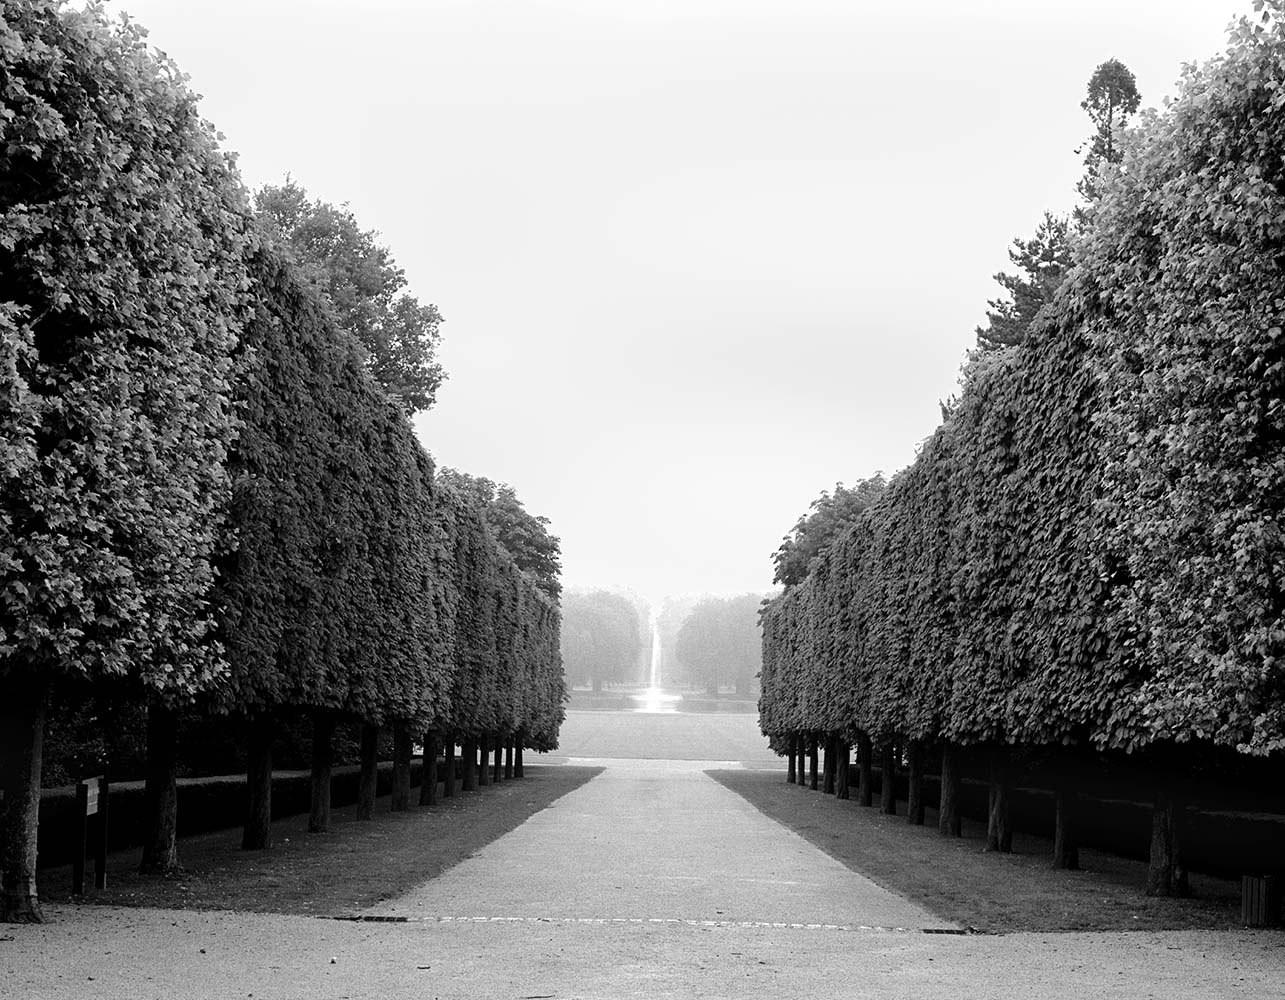 """<span class=""""caption-title"""">Landscape No. 3</span>, Parc de Sceaux, France, 1995<span class=""""caption-copyright"""">© Rodney Smith</span>"""